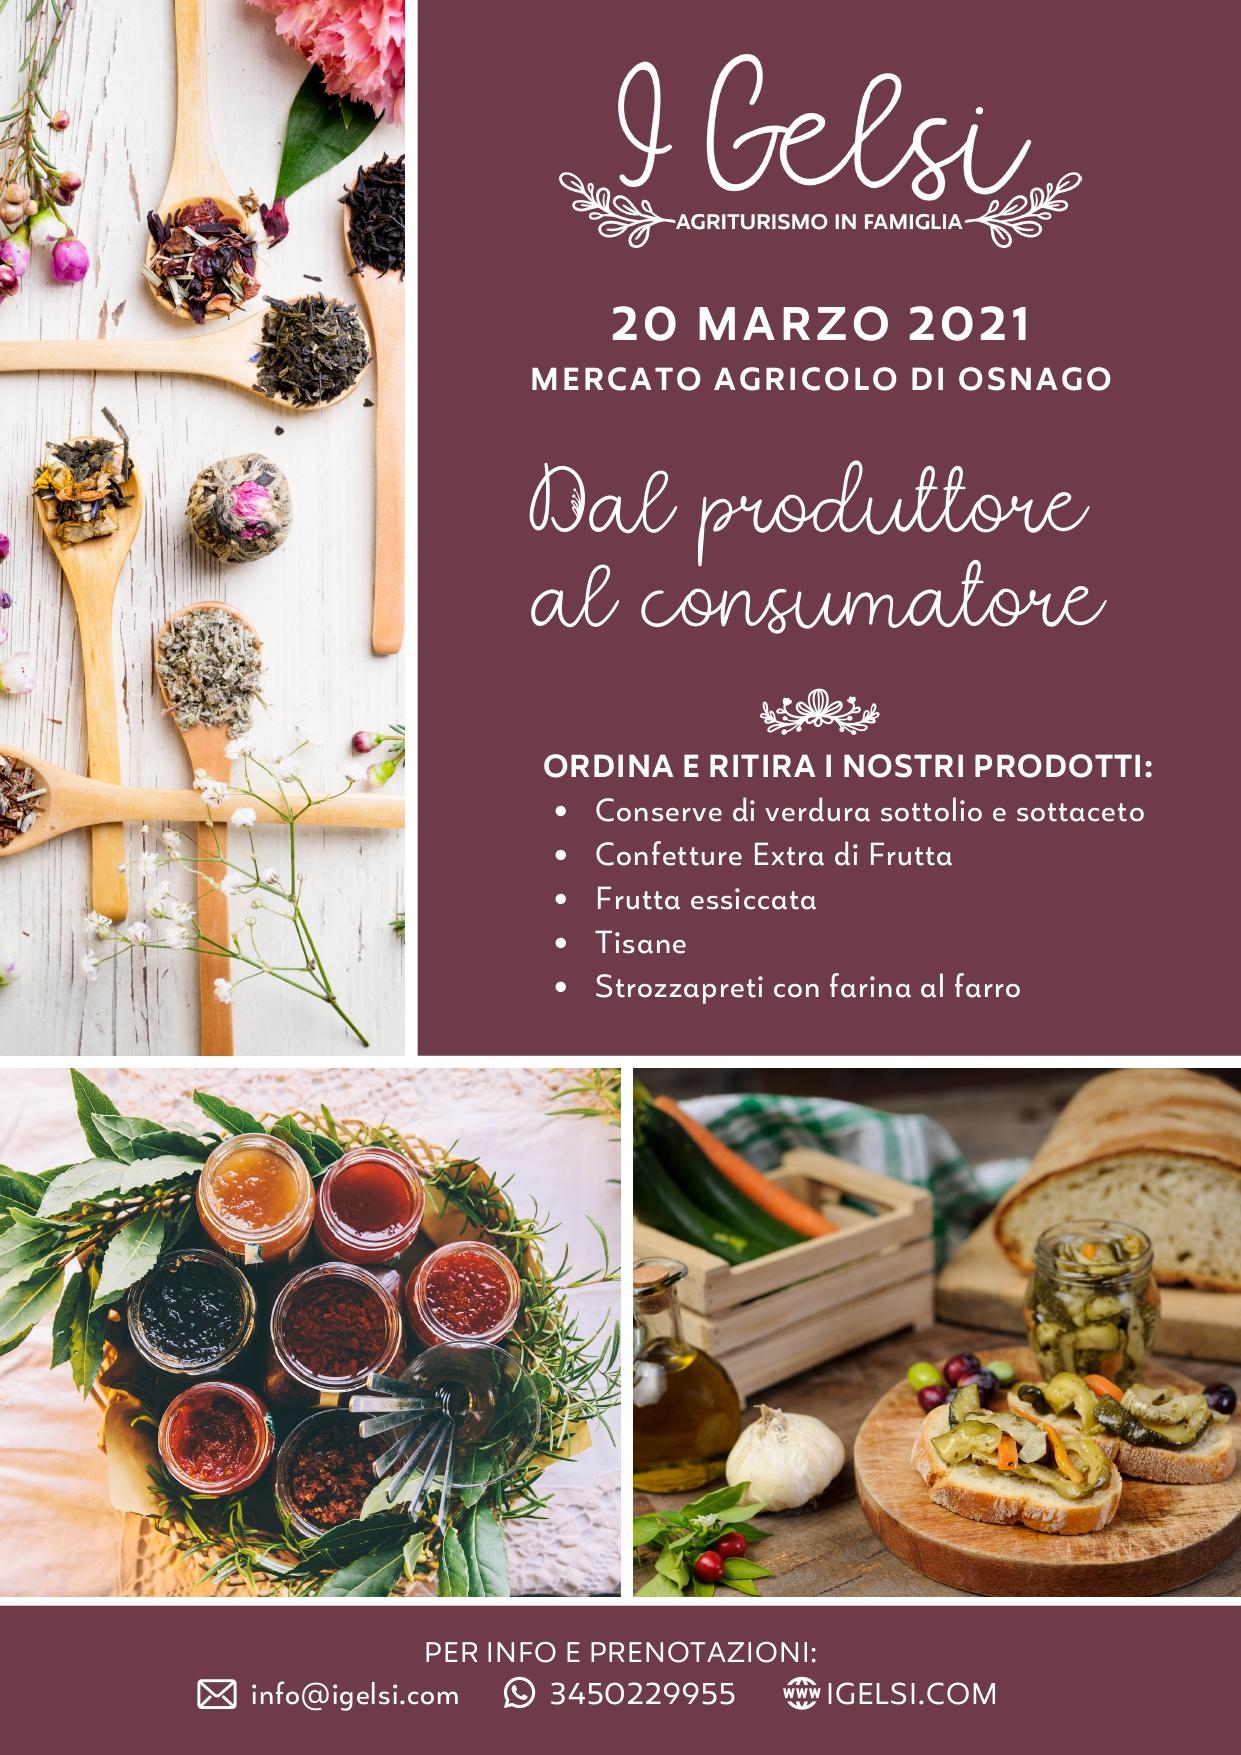 Copia di Volantino Mercato di osnago 200321_page-0001